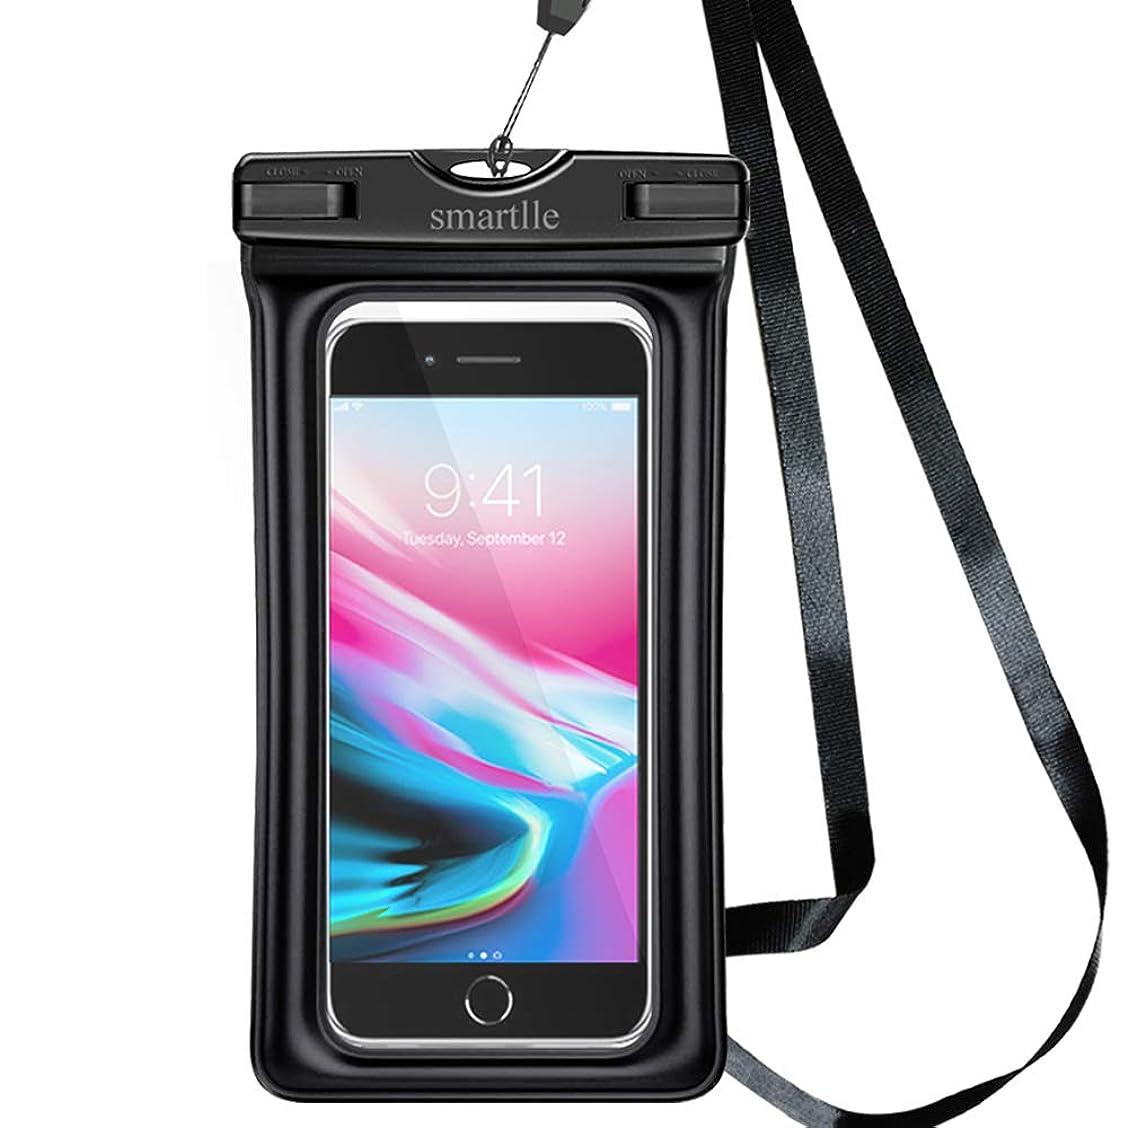 巡礼者算術災害smartlle 浮遊 防水ケース 大型スマホ 防水携帯ケース完全防水ポーチ ドライバッグIPX8 アウトドアスポーツ iPhone X、8、7、6 Plus、SE、Samsung S9+、S9、S8+、LG V20、HTCに対応、夜間発光 水中撮影 海 潜水 水泳 プール ダイビング 釣り お風呂 砂浜 水遊 など適用 (黒(フローティング))